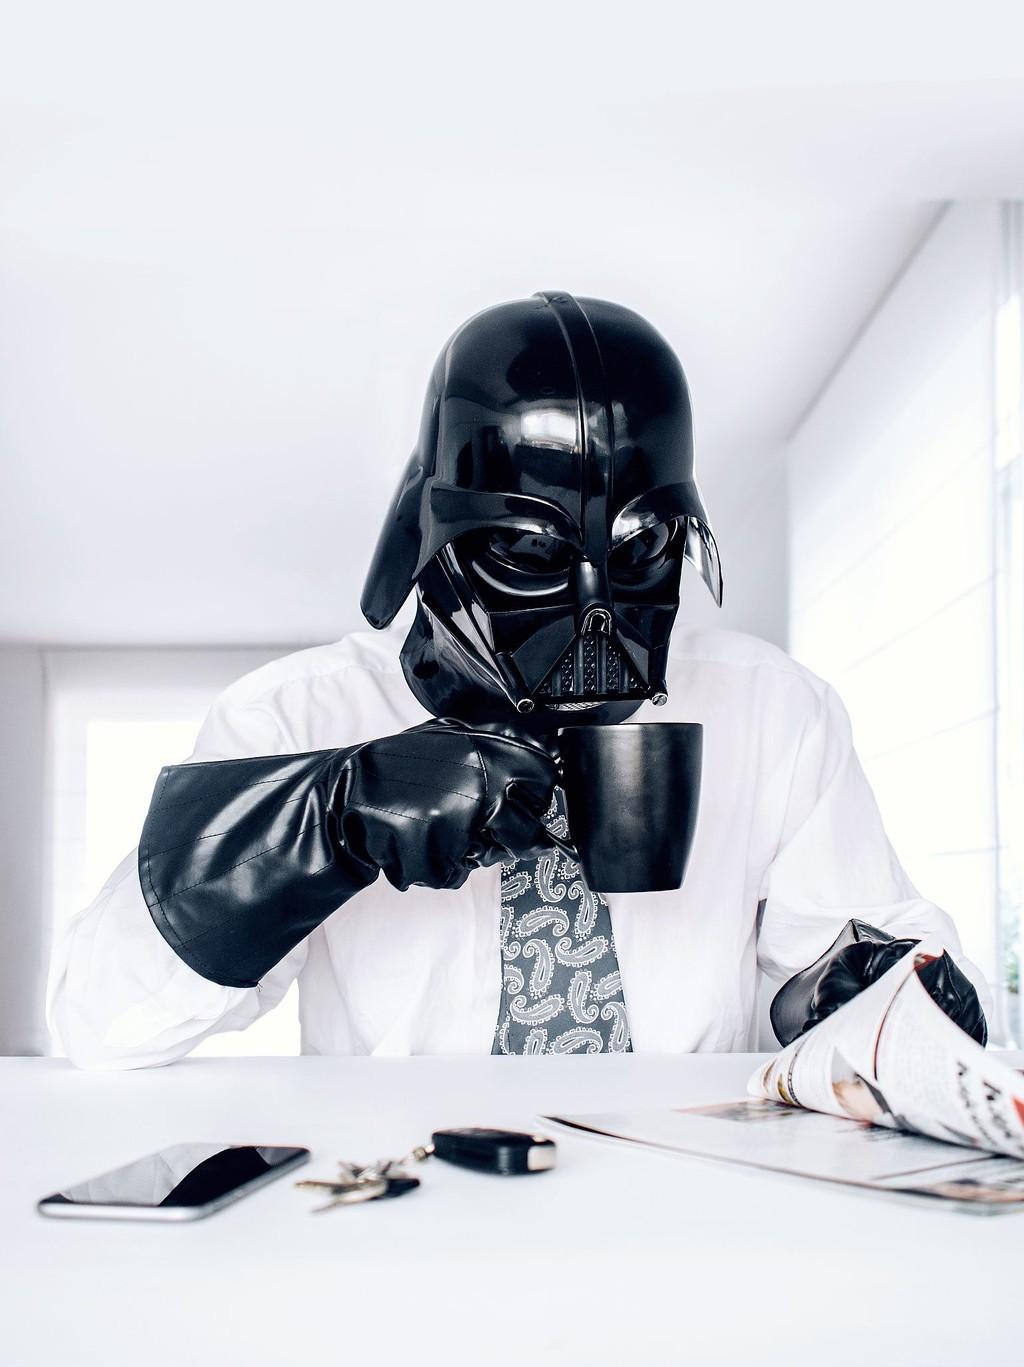 Daily Life Of Darth Vader 8